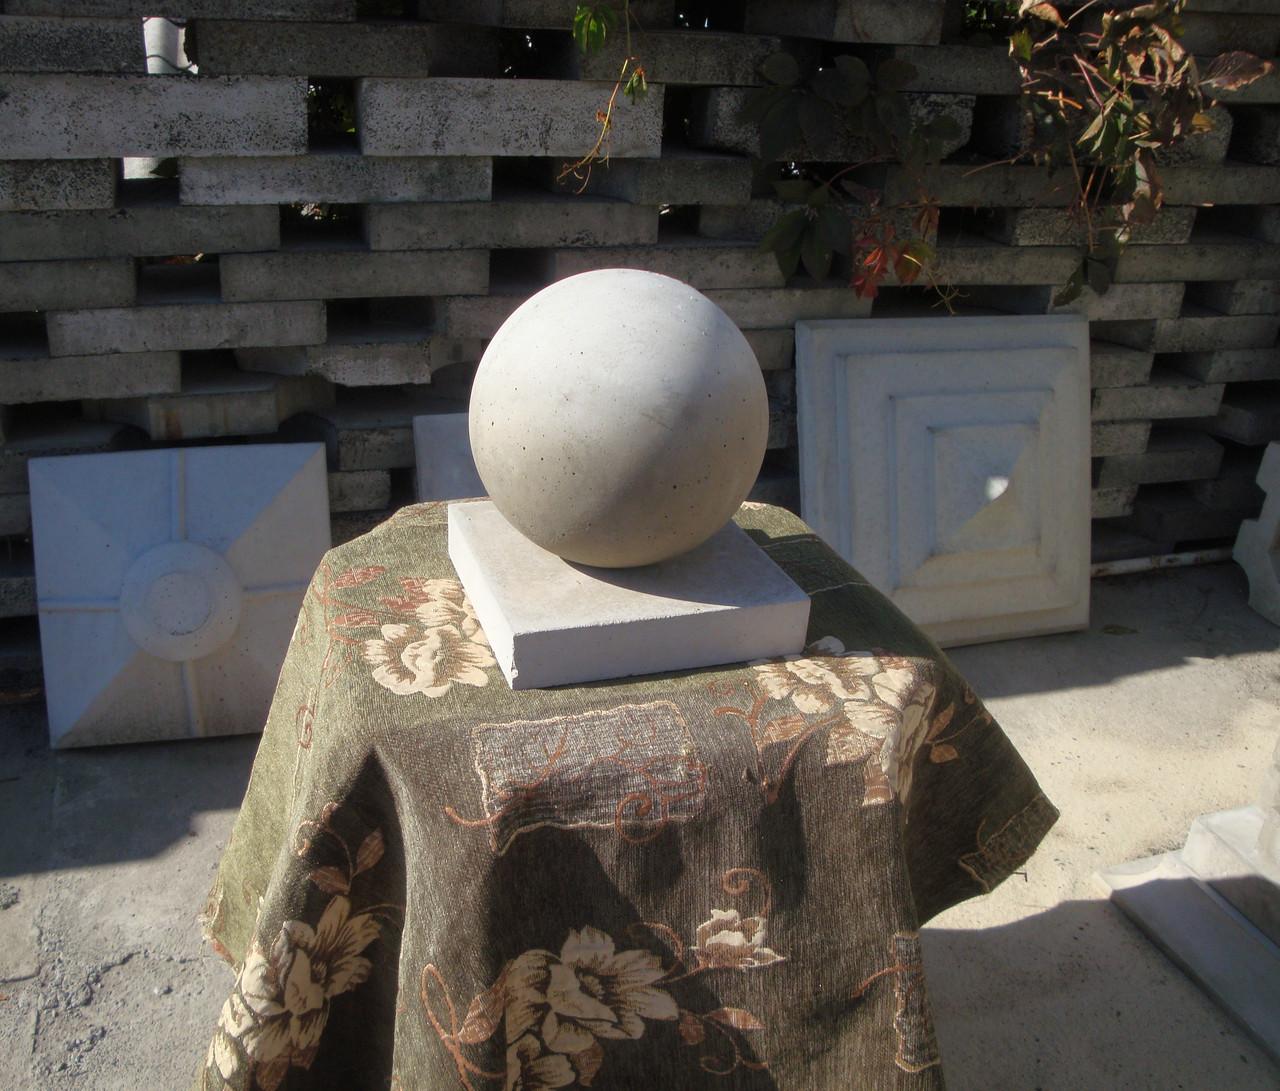 Шар бетонный на столб забора или декор для сада, сфера ф200мм шары для ландшафтного дизайна.